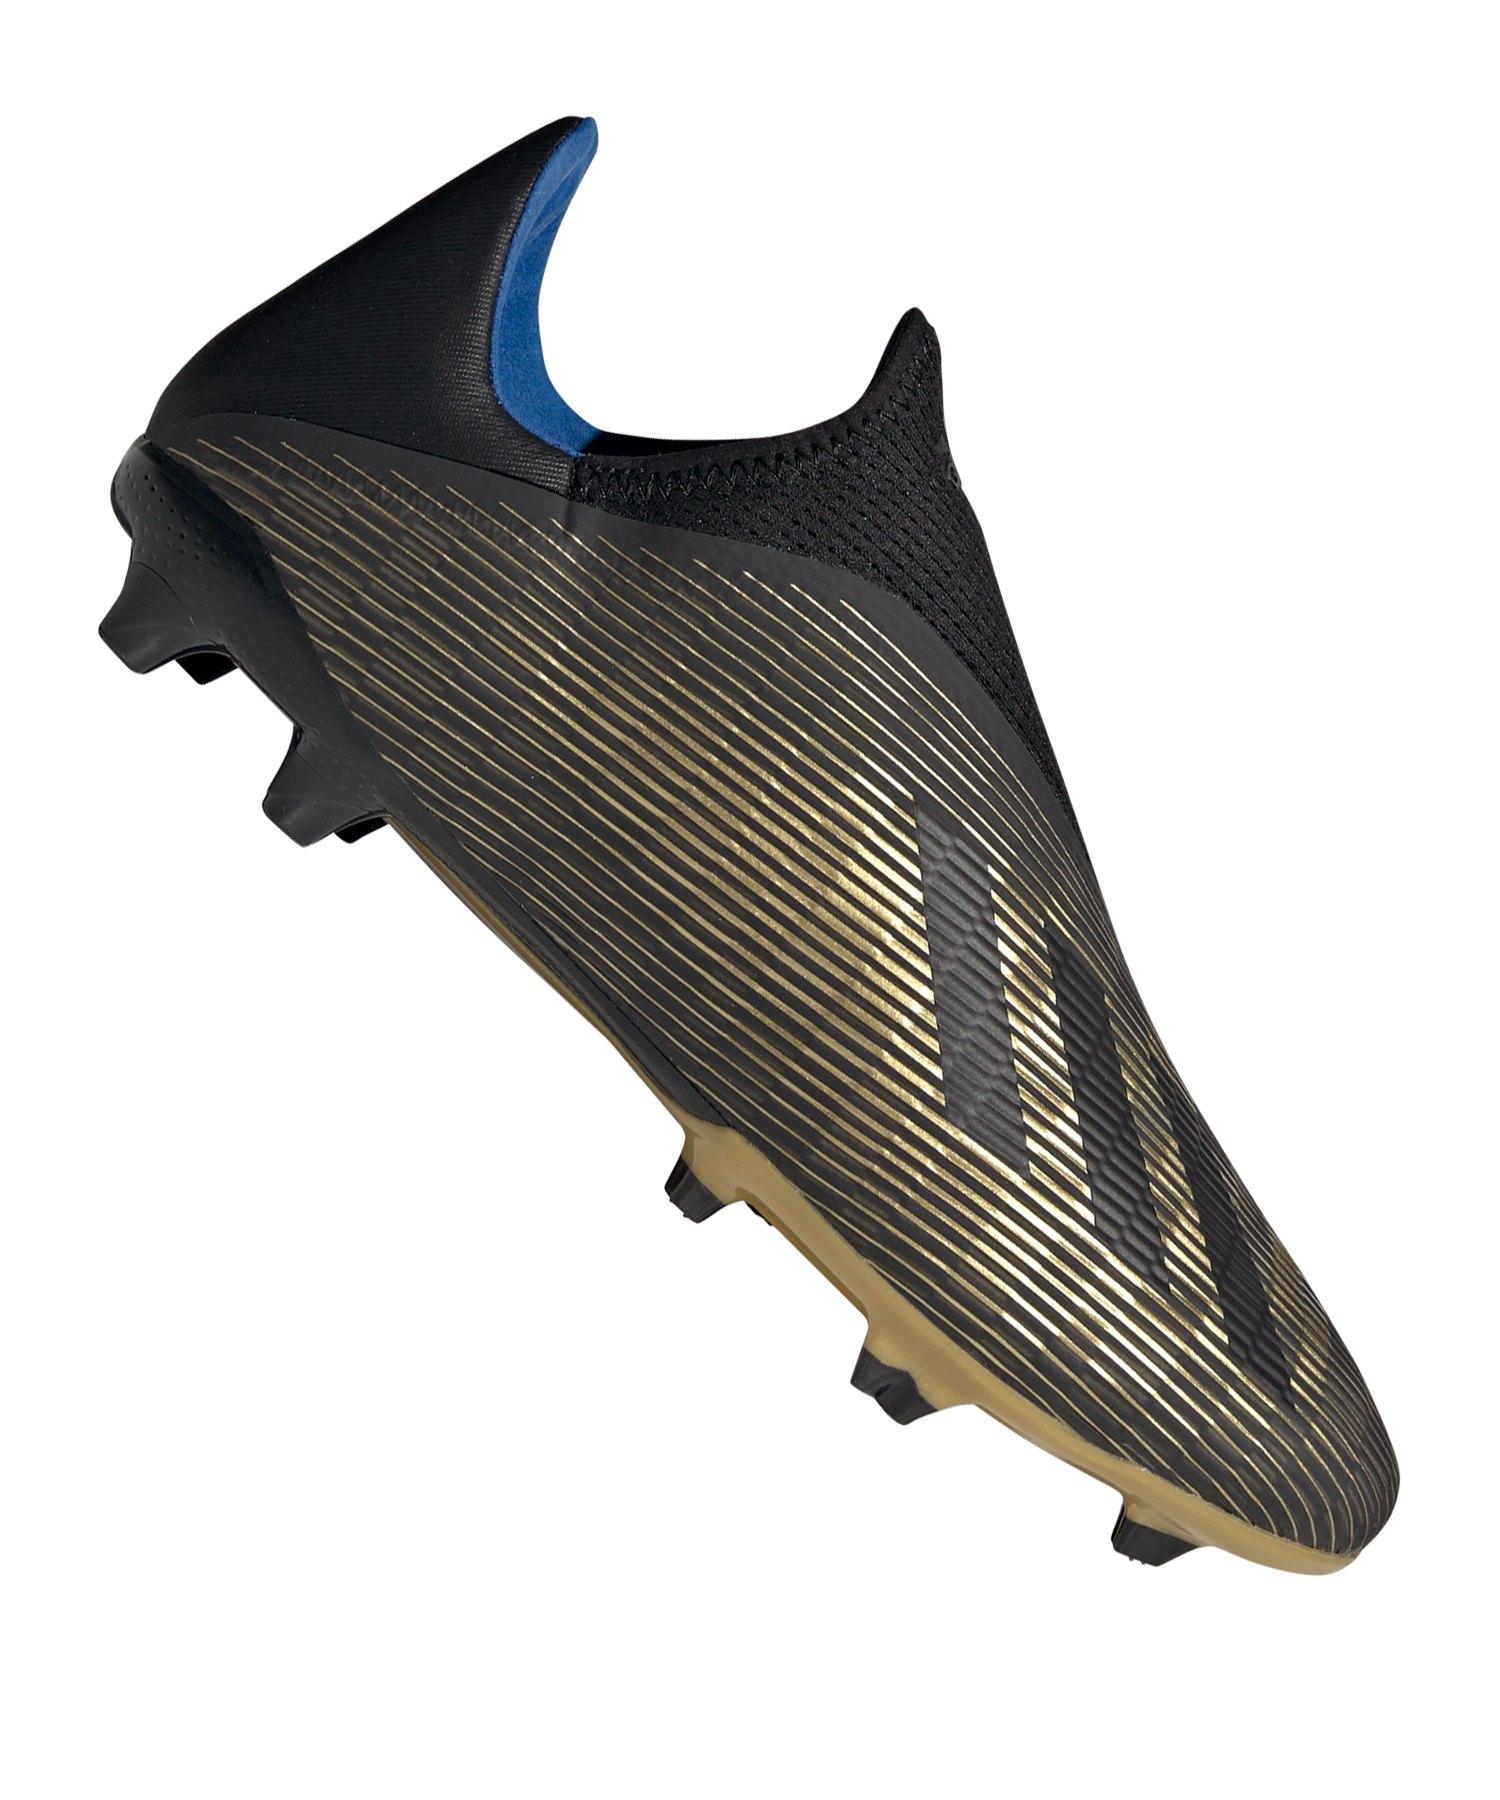 adidas X 19.3 LL FG Schwarz Gold - schwarz